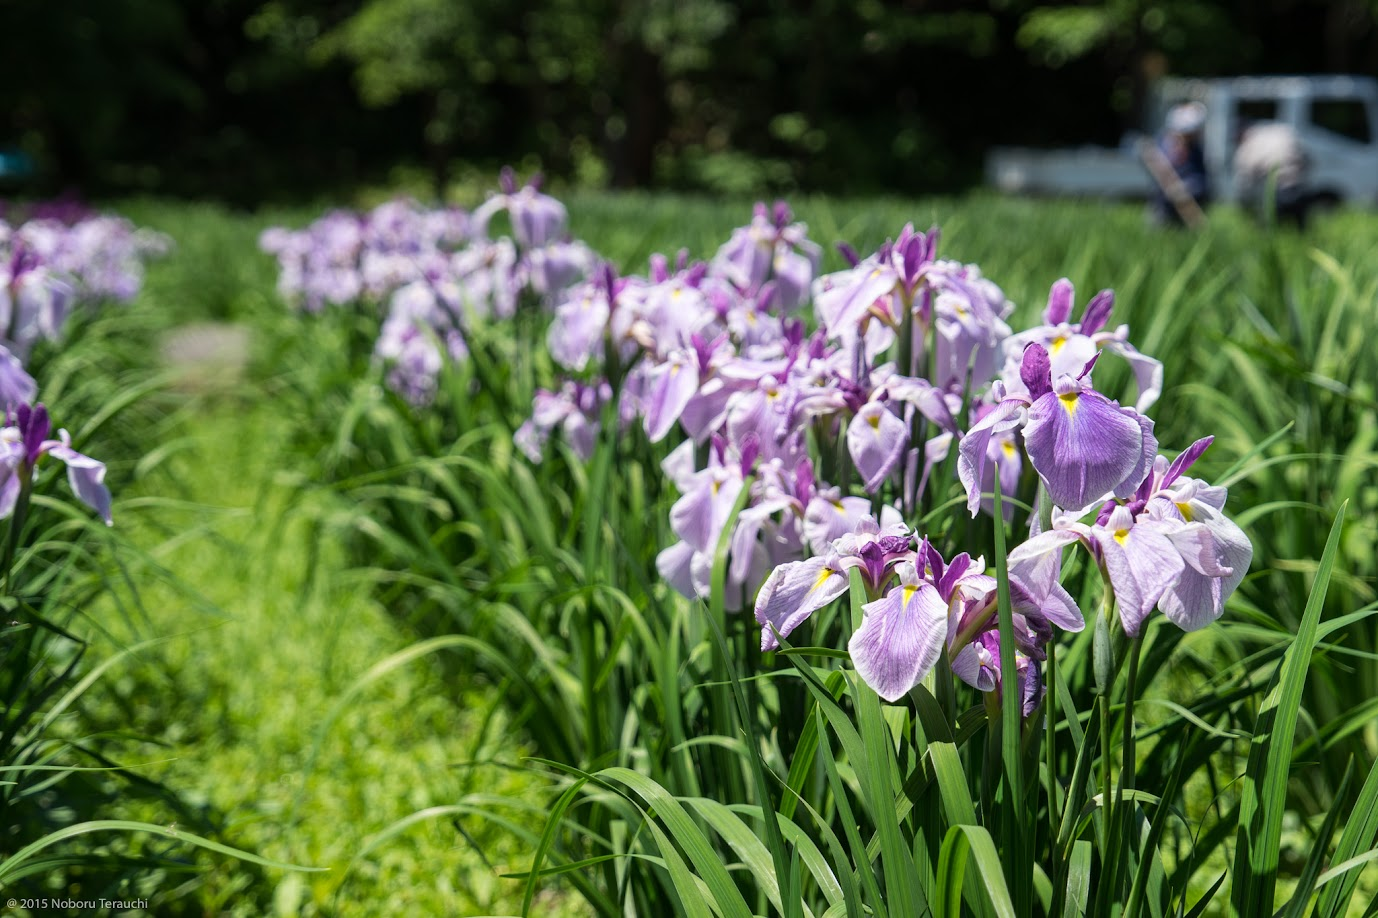 薄紫の菖蒲@あやめ公園(岩見沢市)